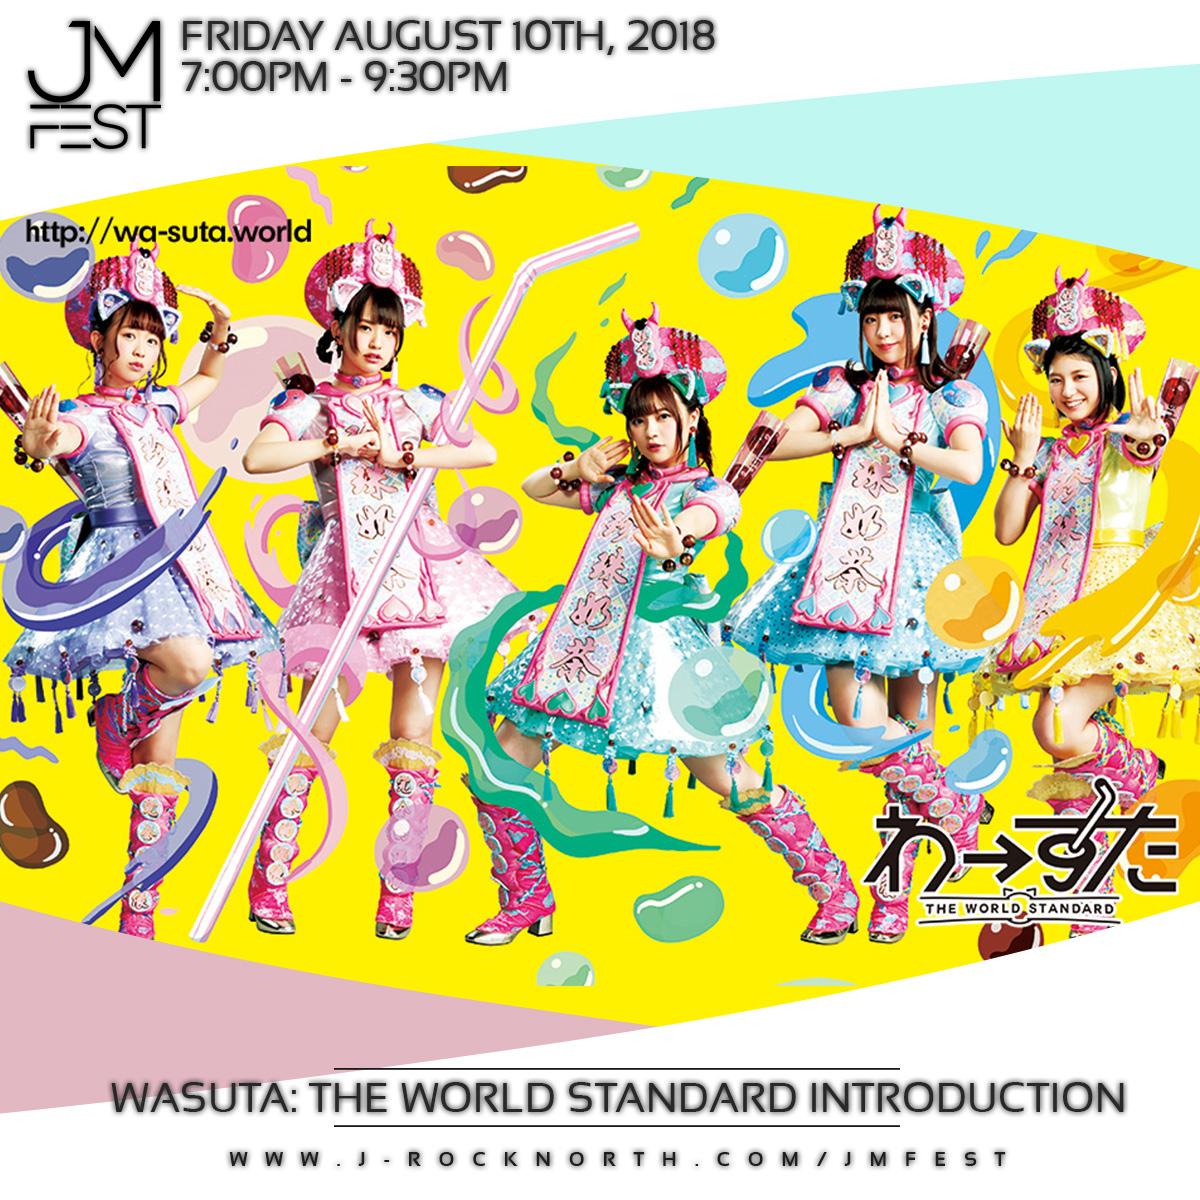 Wasuta